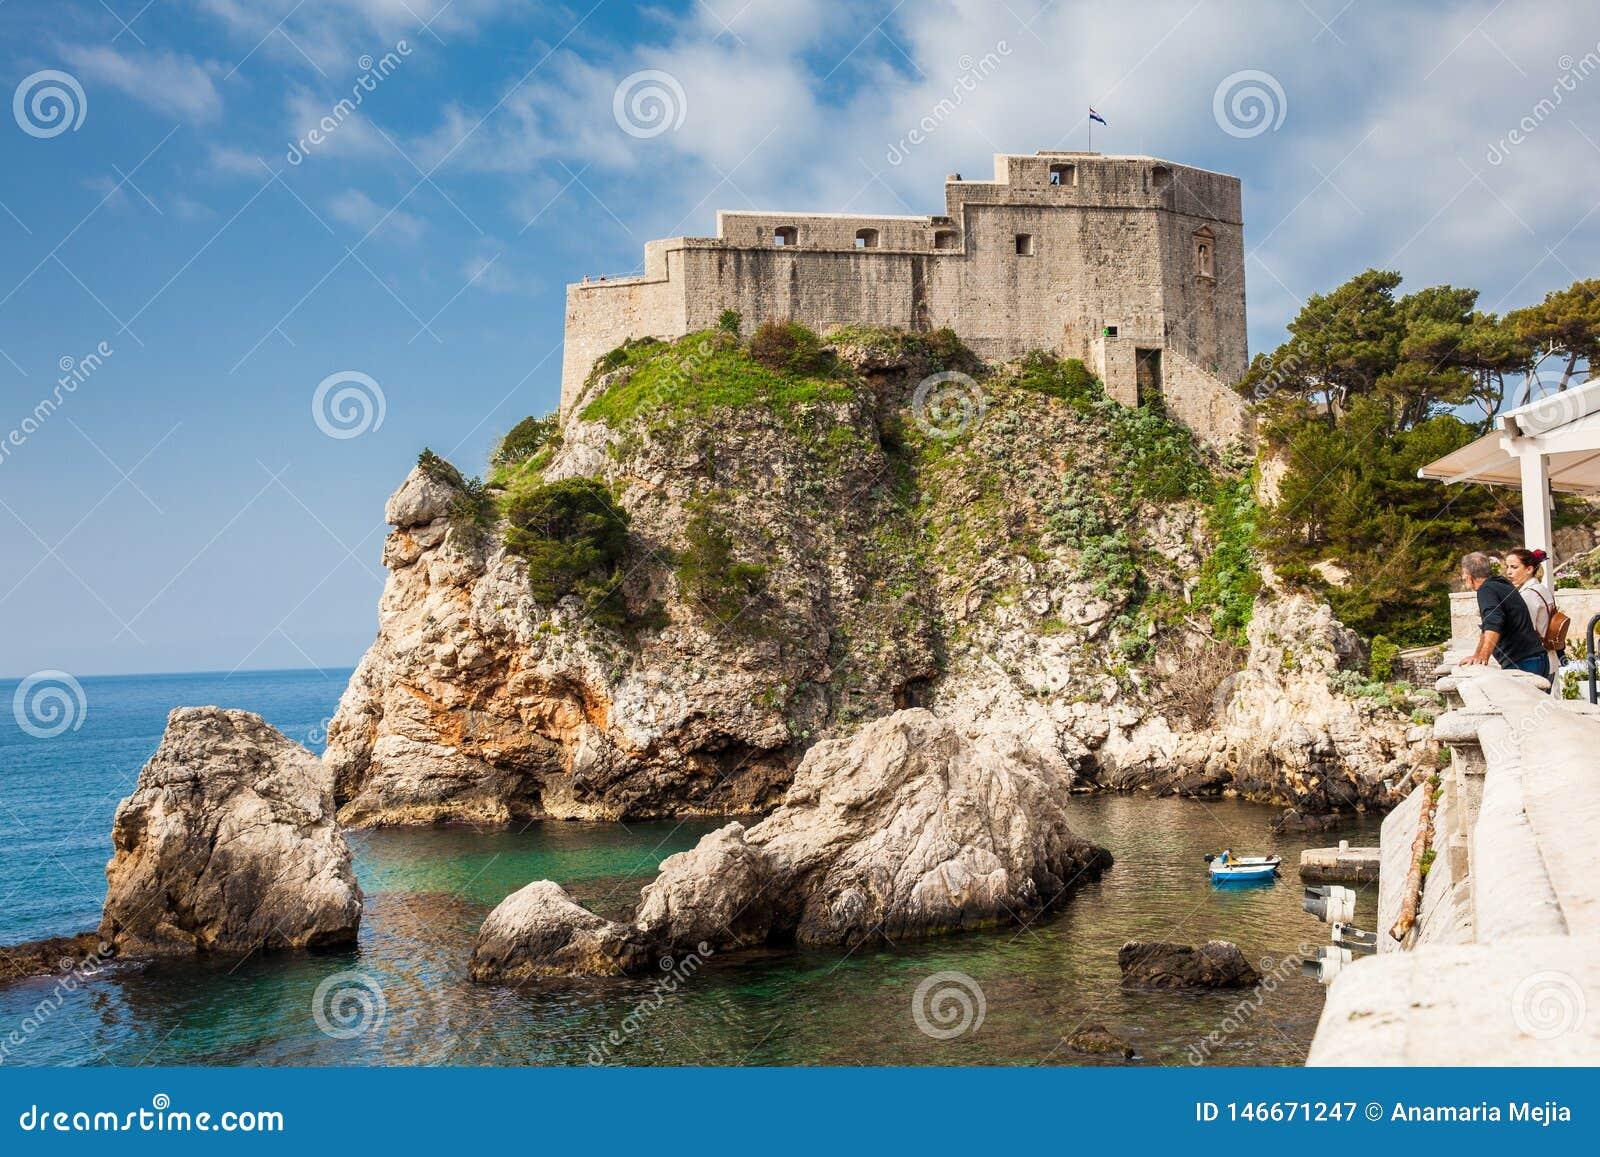 Acople dos turistas que olham o cais ocidental de Dubrovnik e o forte medieval Lovrijenac situado na parede ocidental da cidade